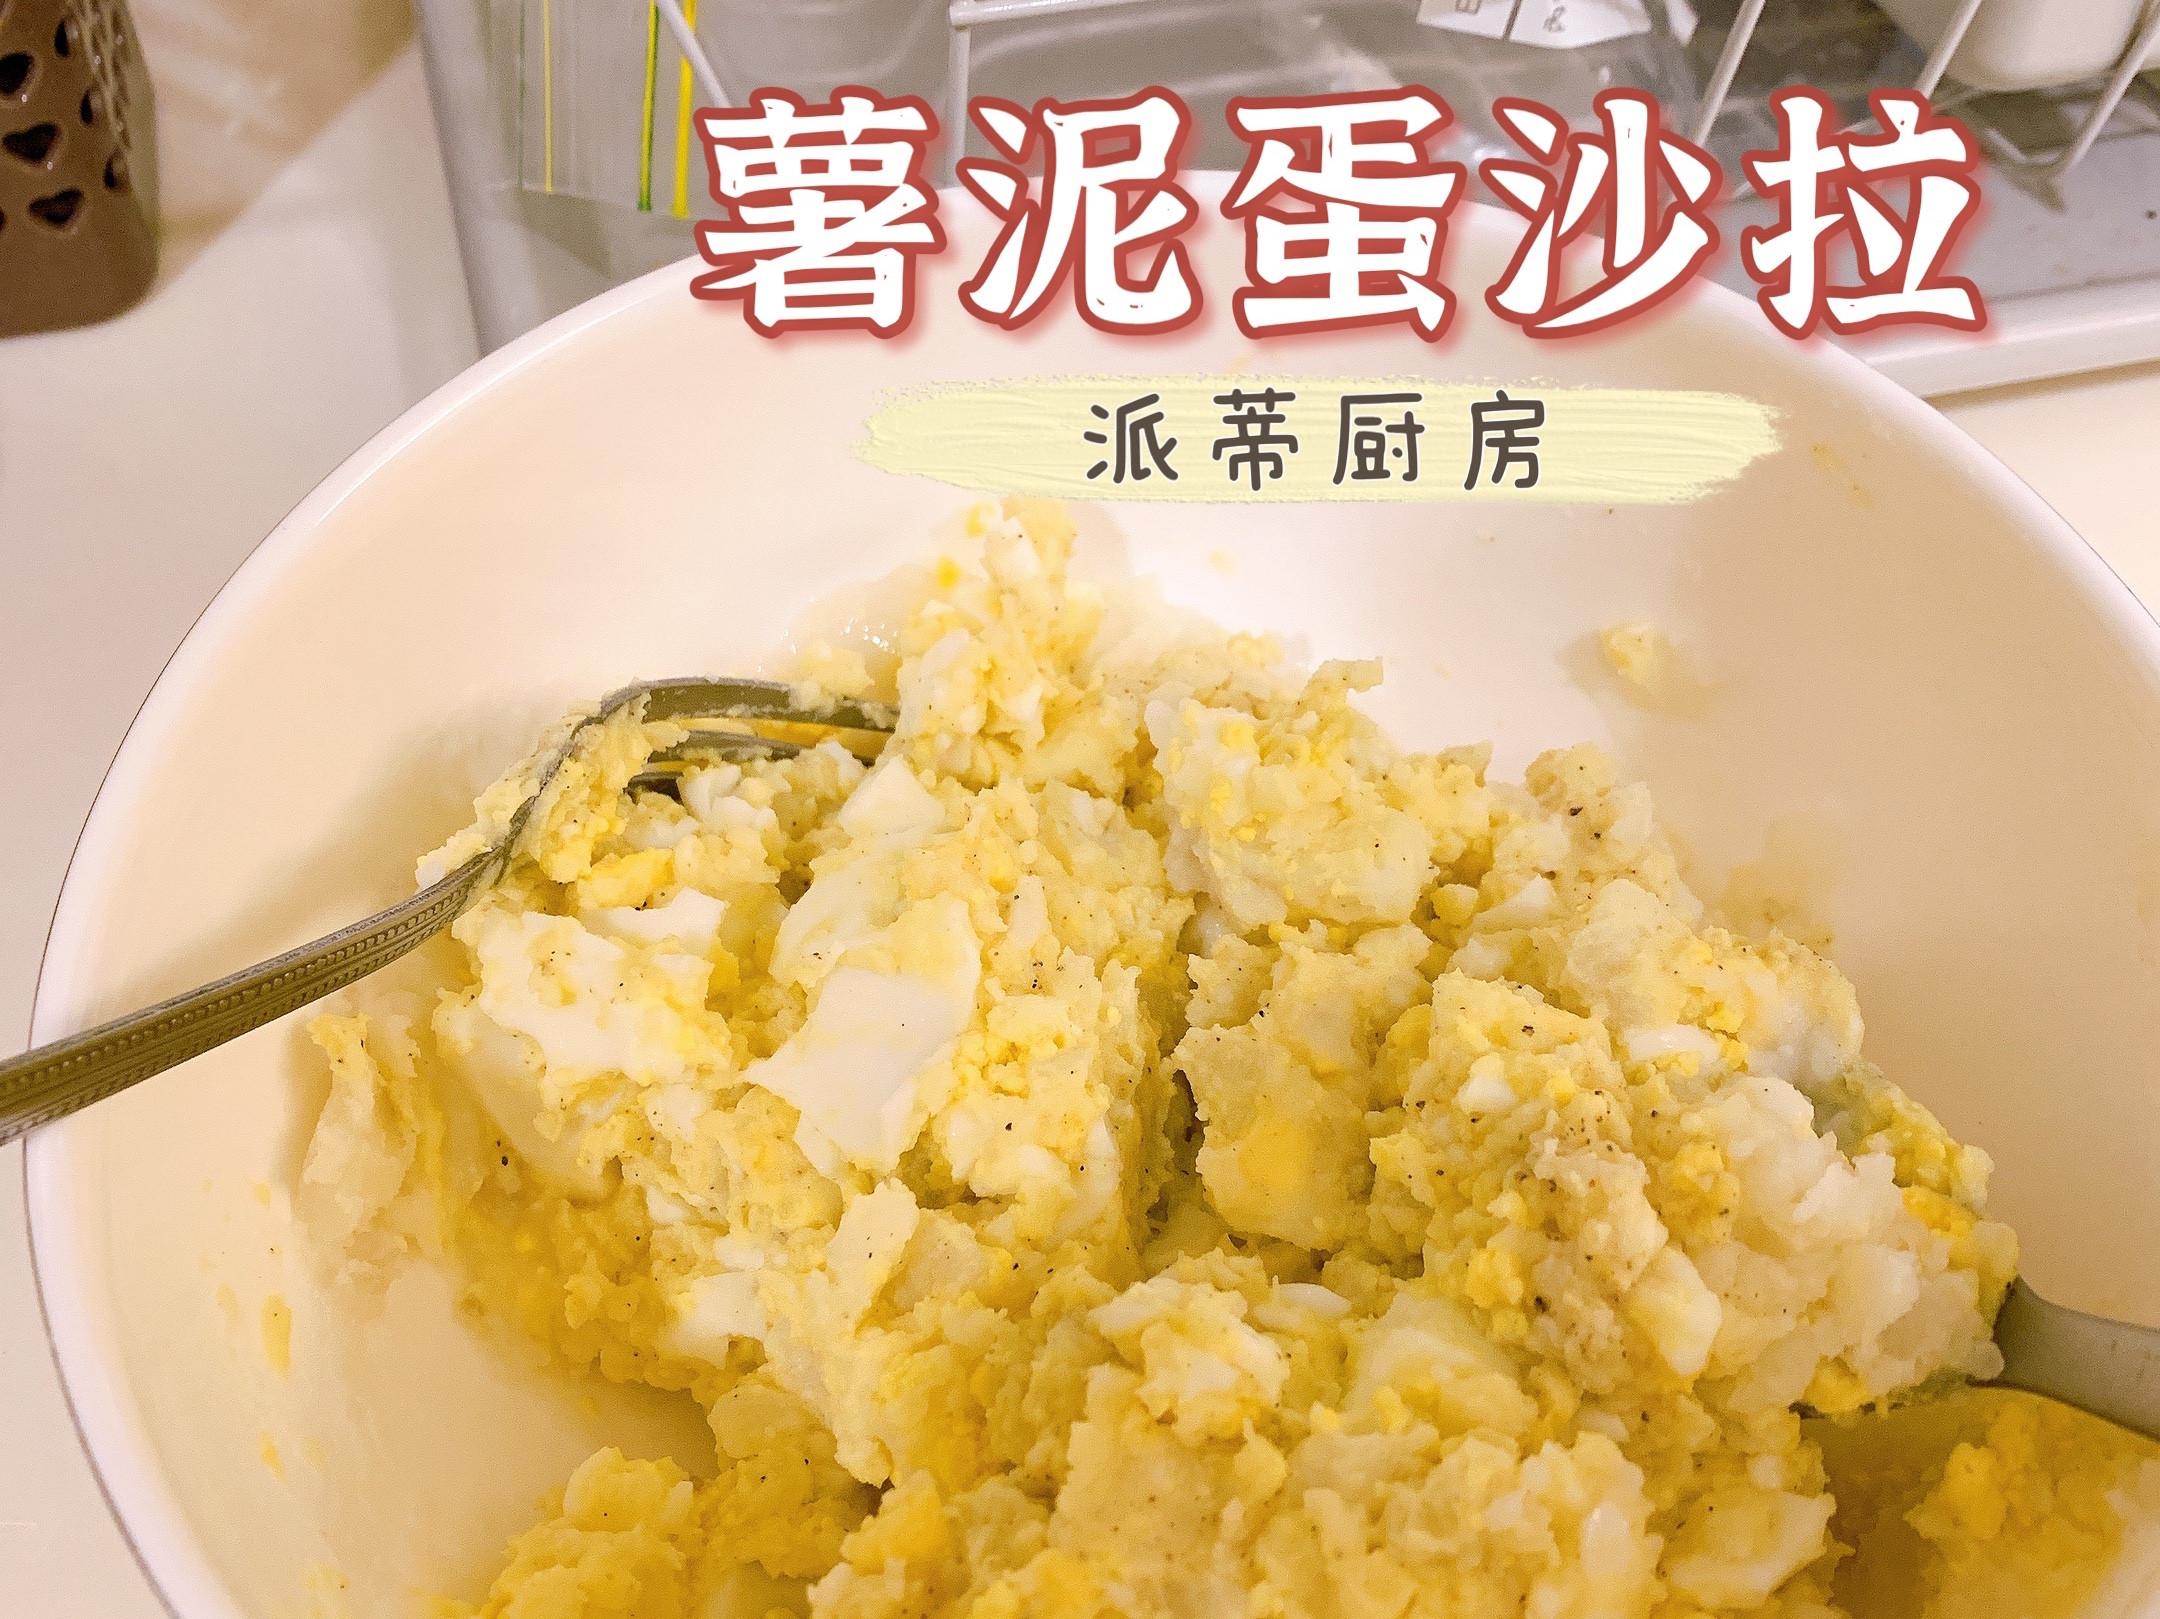 「減脂食譜」薯泥蛋沙拉🥗低卡低脂版